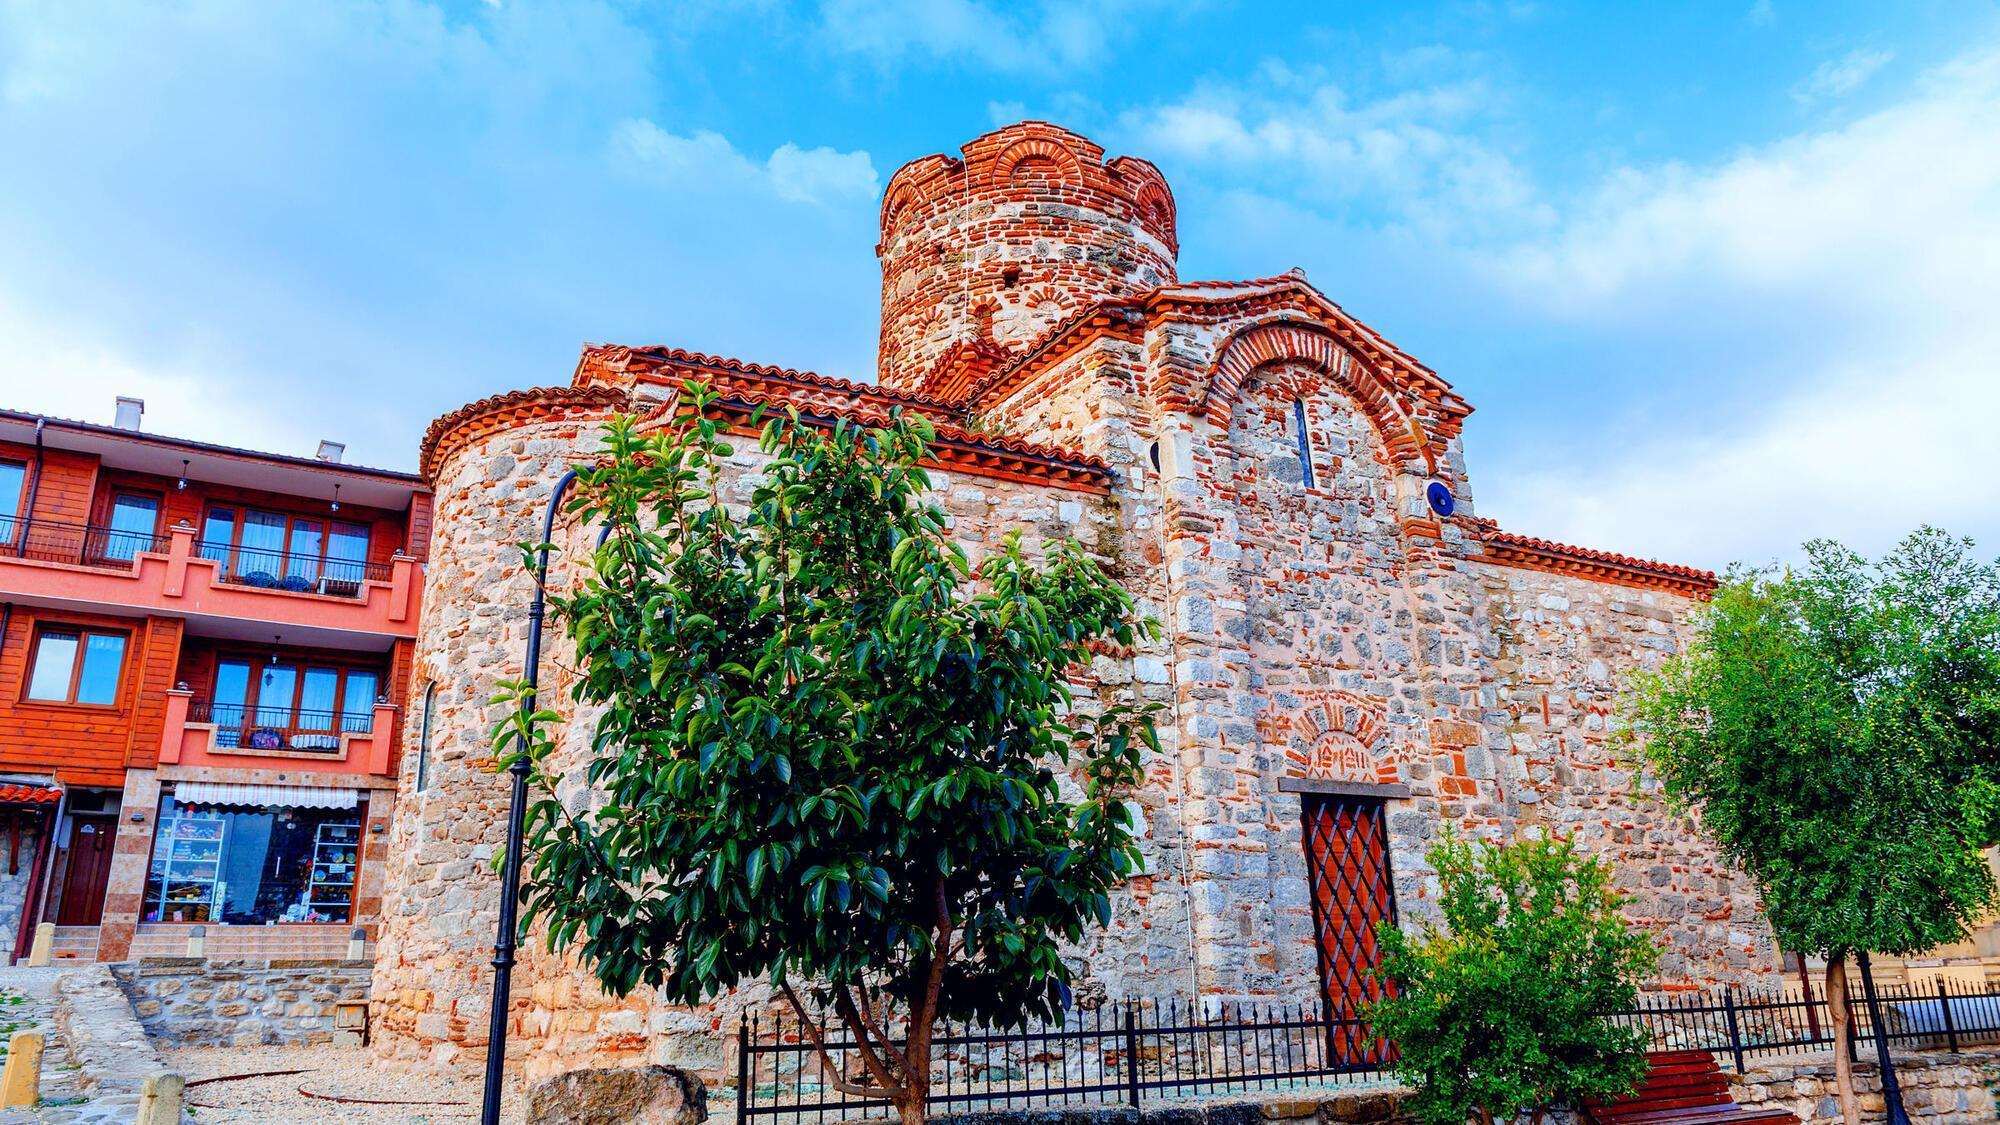 Часовня святого Иоанна Крестителя – один из главных национальных туристических объектов страны